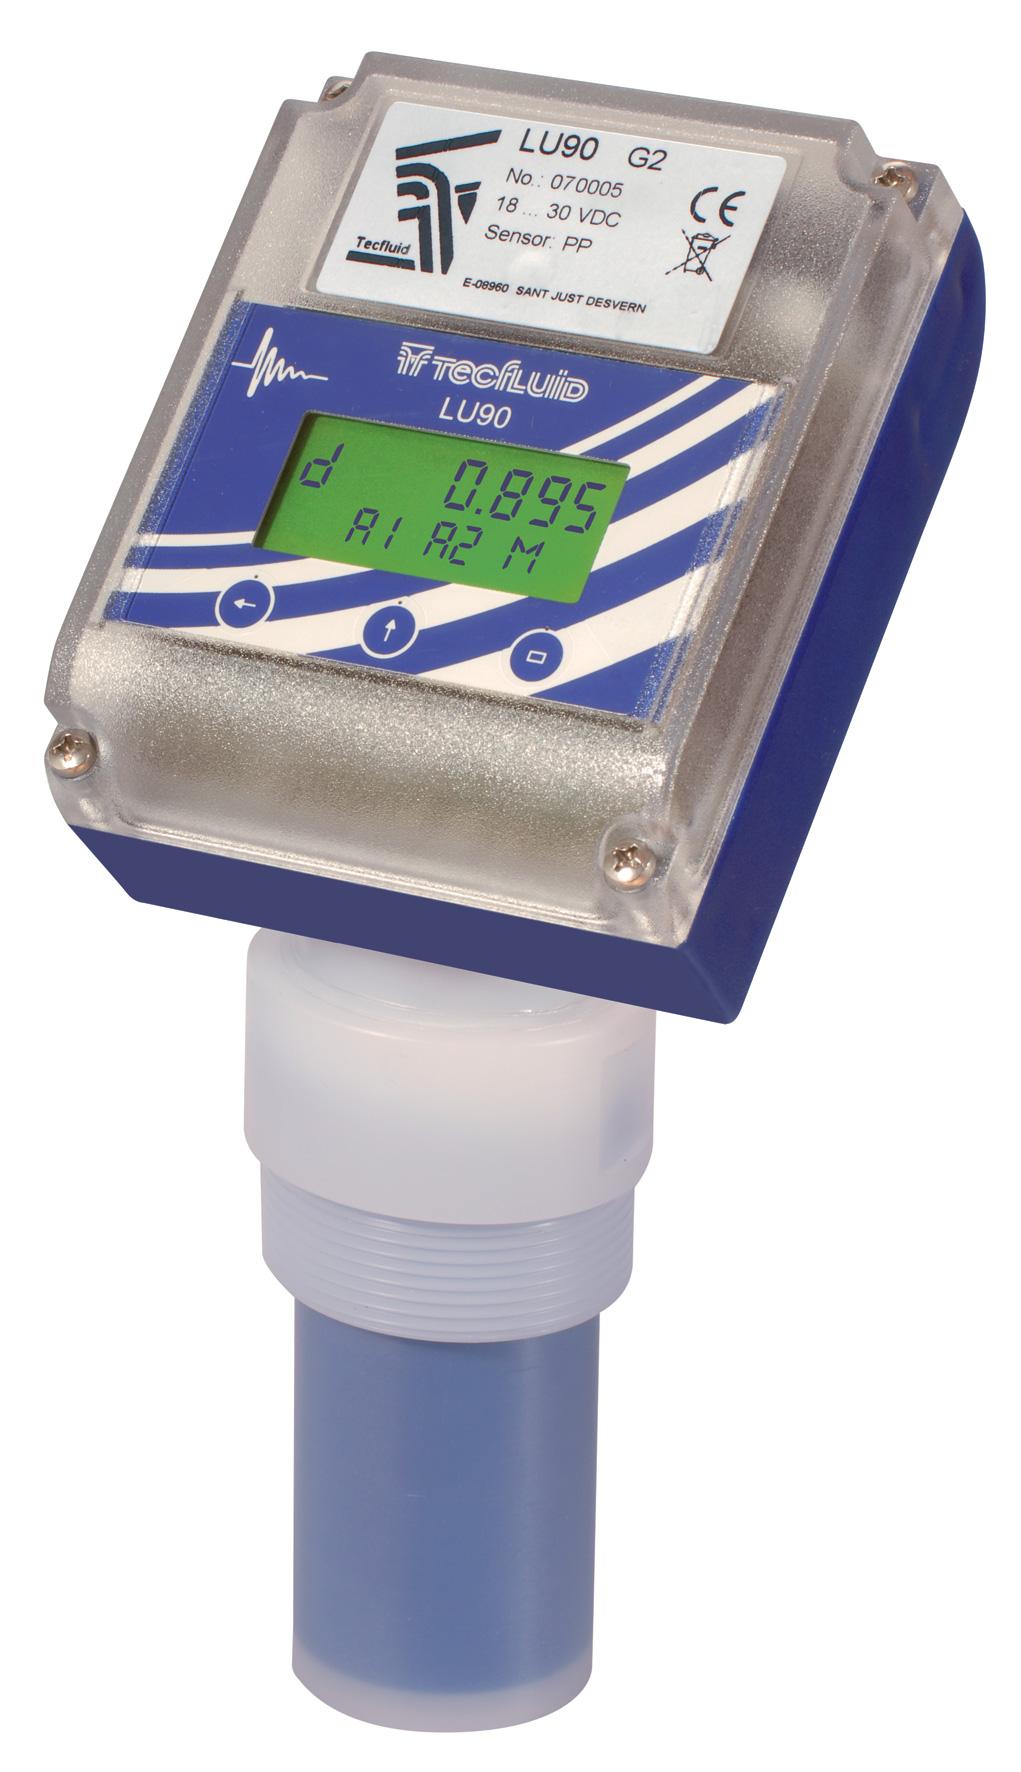 Indicateur / Transmetteur de niveau LU90